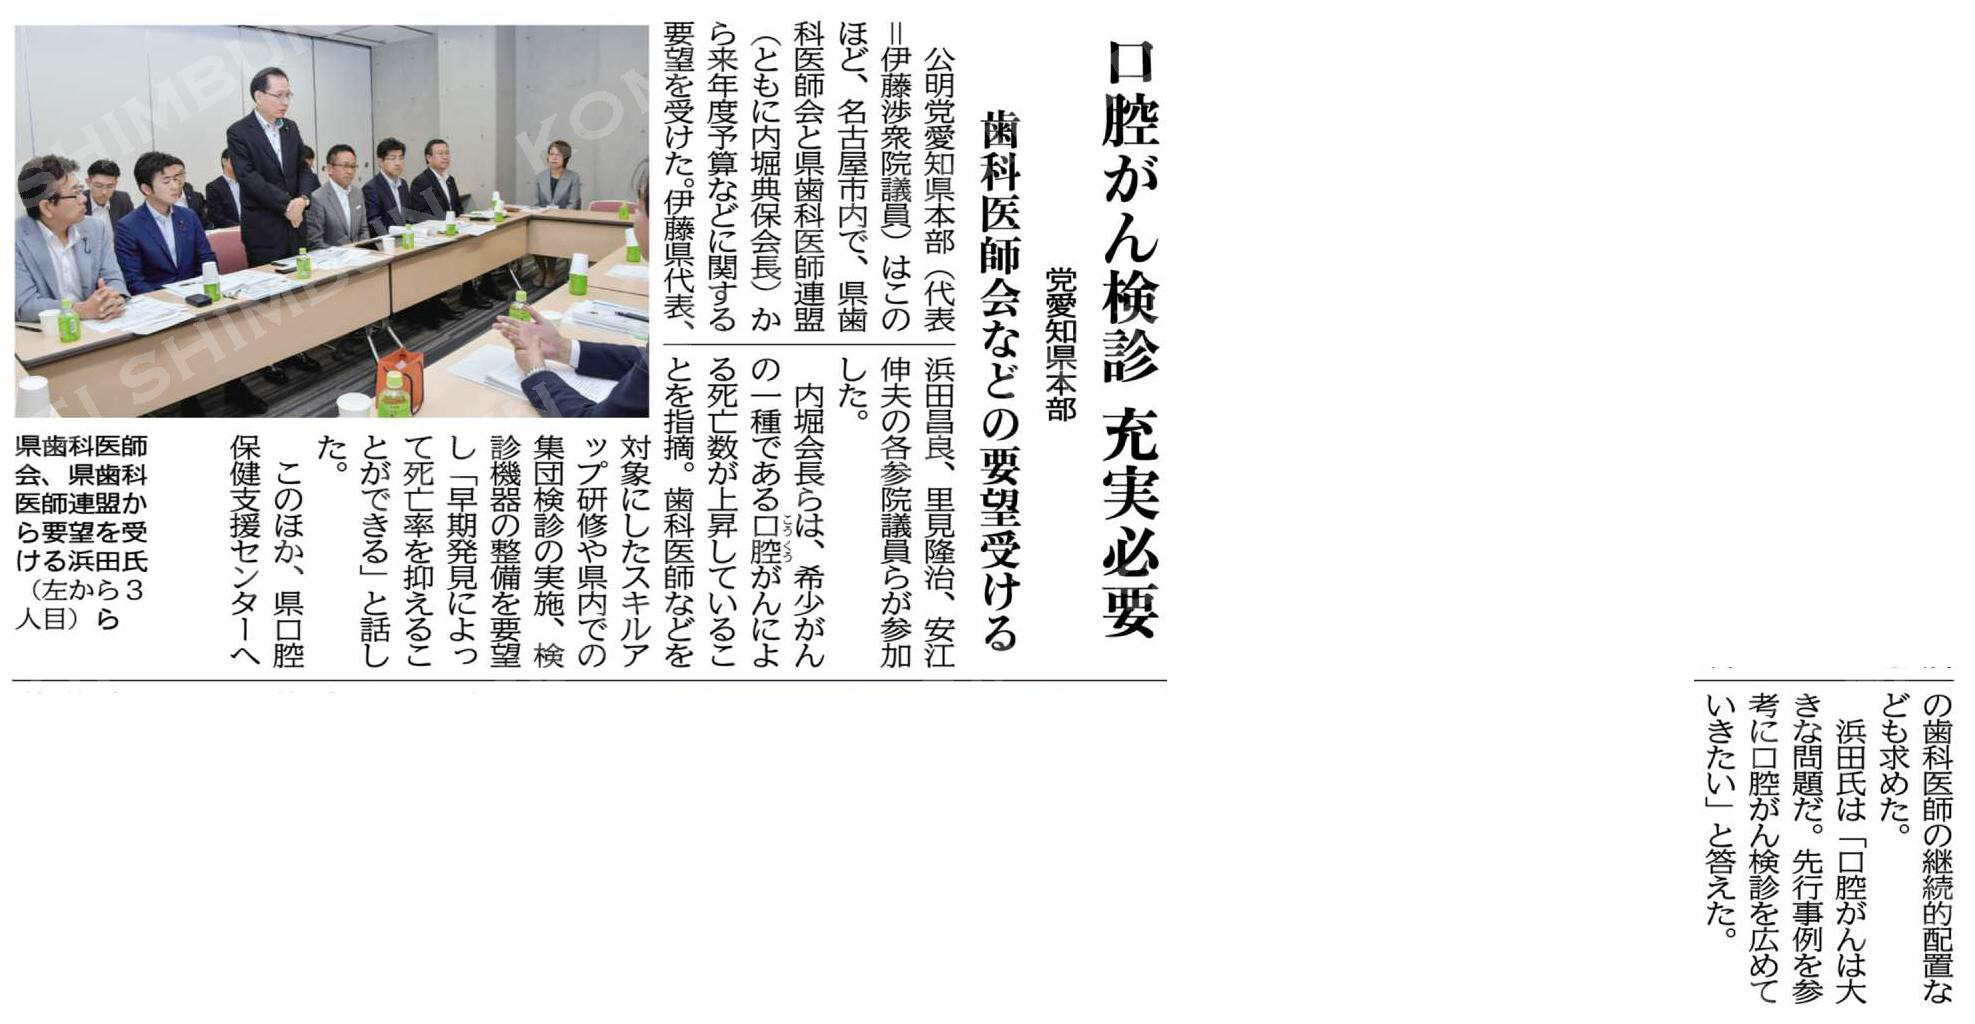 口腔がん検診の充実必要/歯科医師会などの要望受ける/党愛知県本部